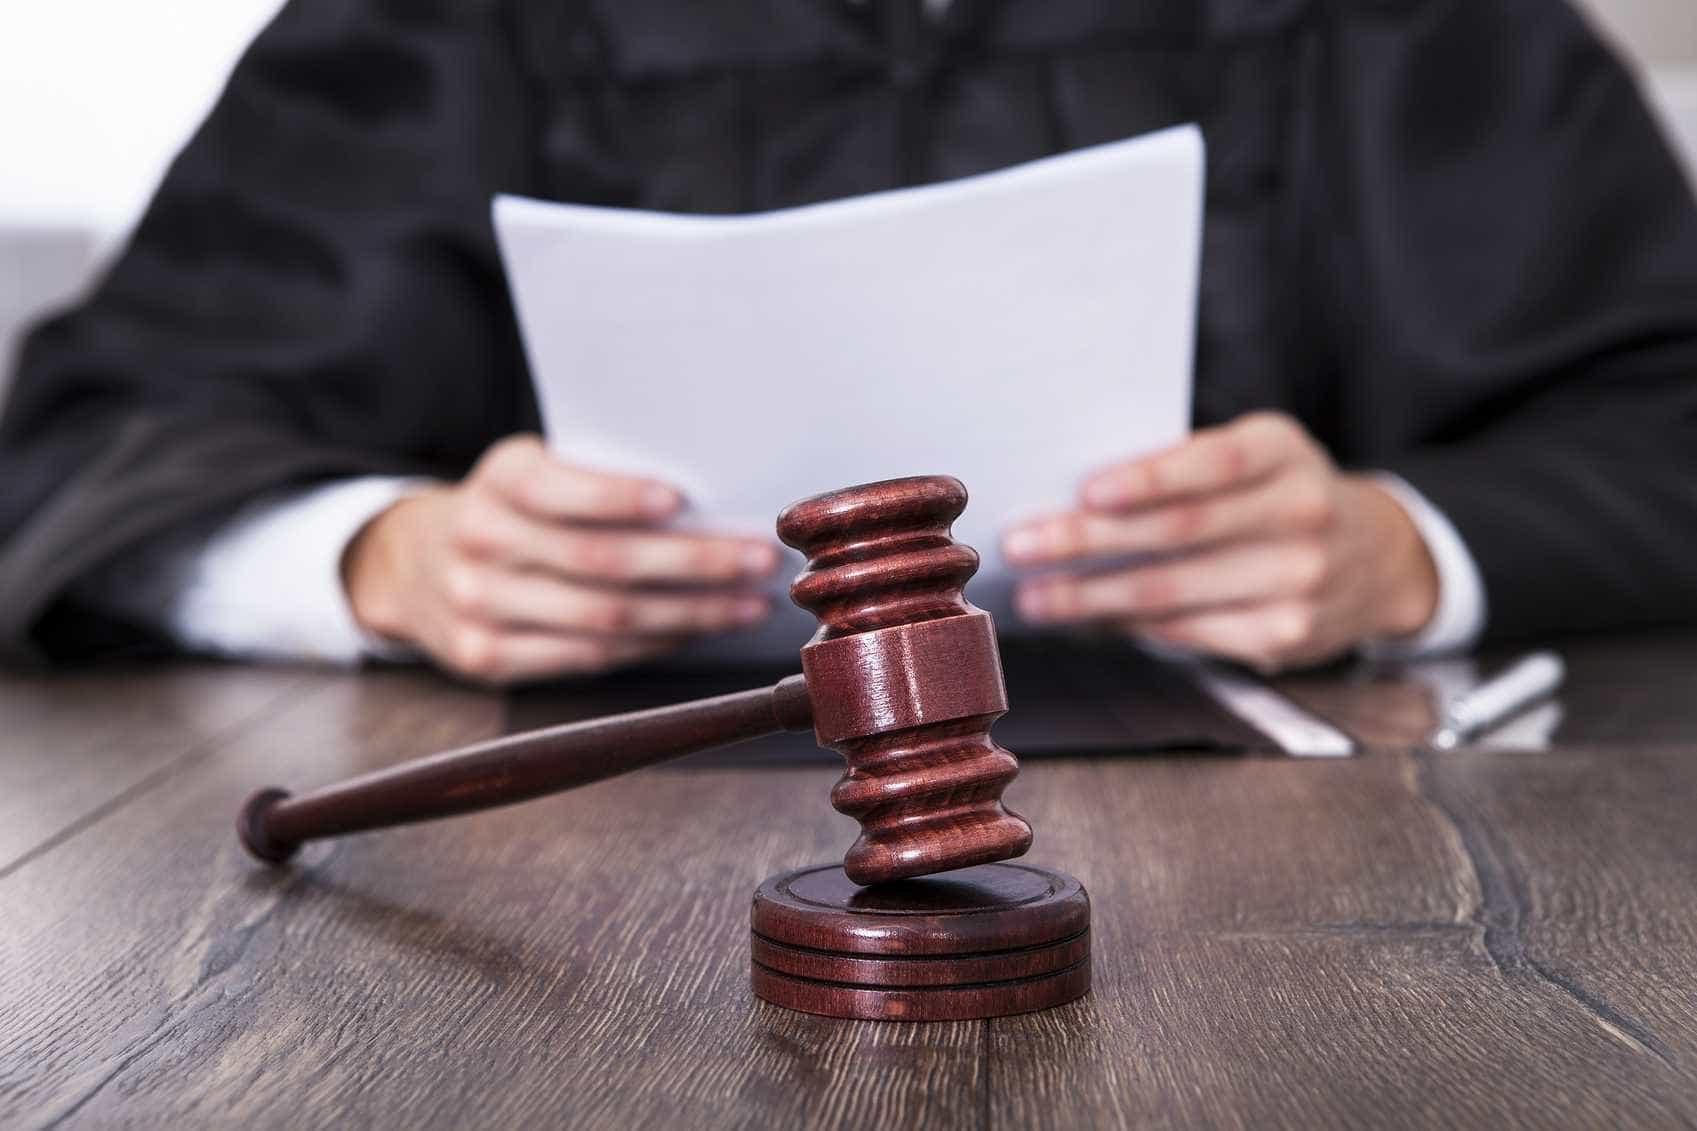 Agressão entre colegas é acidente de trabalho? Tribunal diz que sim